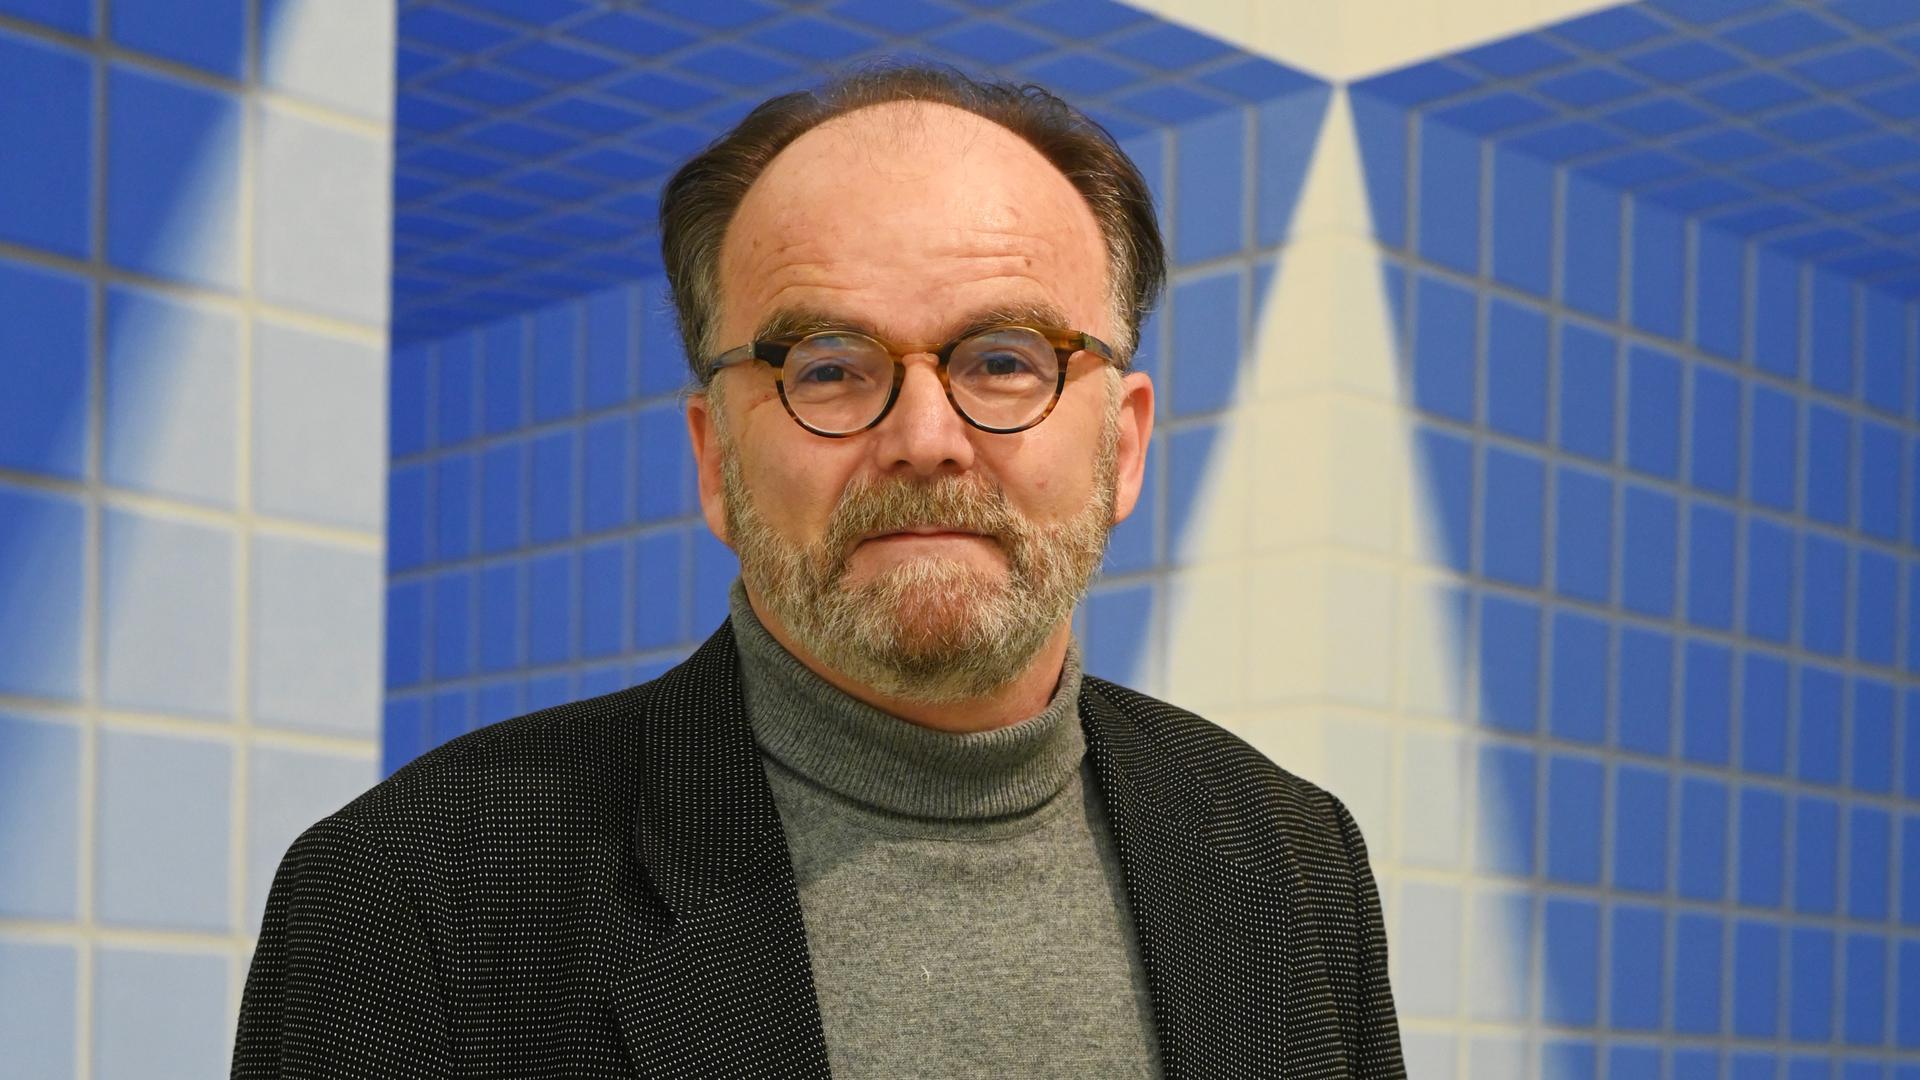 ©ARTIS-Uli Deck// 04.12.2020  Fruchthalle, Städtische Galerie, Rastatt, Peter Hank  -Copyright -ARTIS-ULI DECK Werrabronner Strasse 19  D-76229 KARLSRUHE TEL:  0049 (0) 721-84 38 77  FAX:  0049 (0) 721 84 38 93   Mobil: 0049 (0) 172 7292636 E-Mail:  deck@artis-foto.de www.artis-foto.de Veroeffentlichung nur gegen Honorar nach MFM zzgl. gesetzlicher. Mehrwertsteuer, kostenfreies Belegexemplar und Namensnennung: ARTIS-Uli Deck.  Es gelten meine AGB., abzurufen unter :    http://artis-foto.de/agb01_2008_DE.pdf